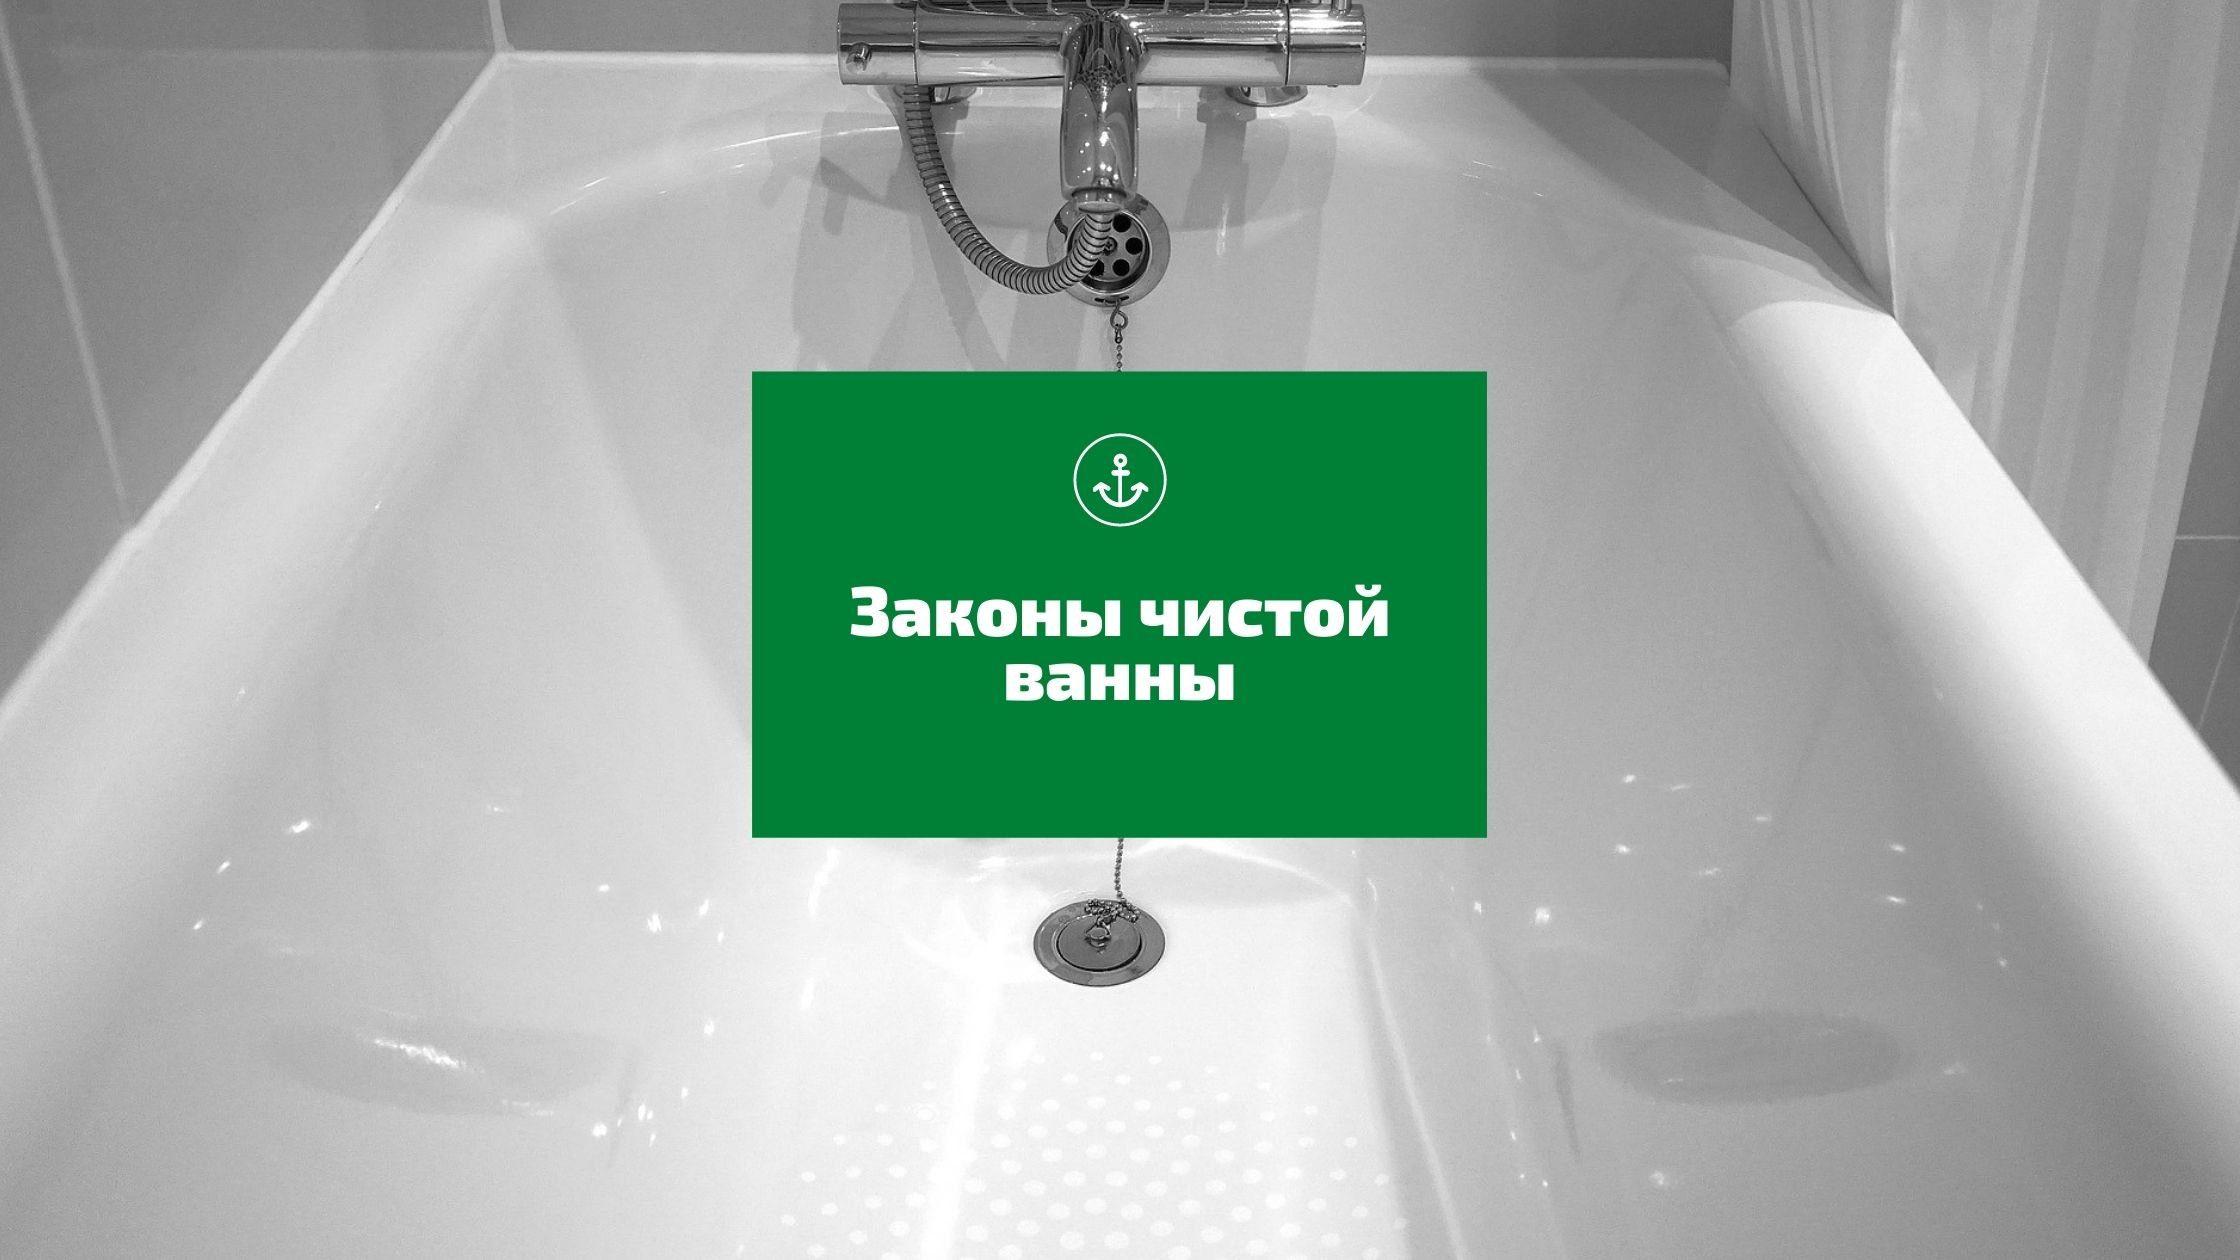 Законы чистой ванны: как обеспечить блеск и белоснежность?